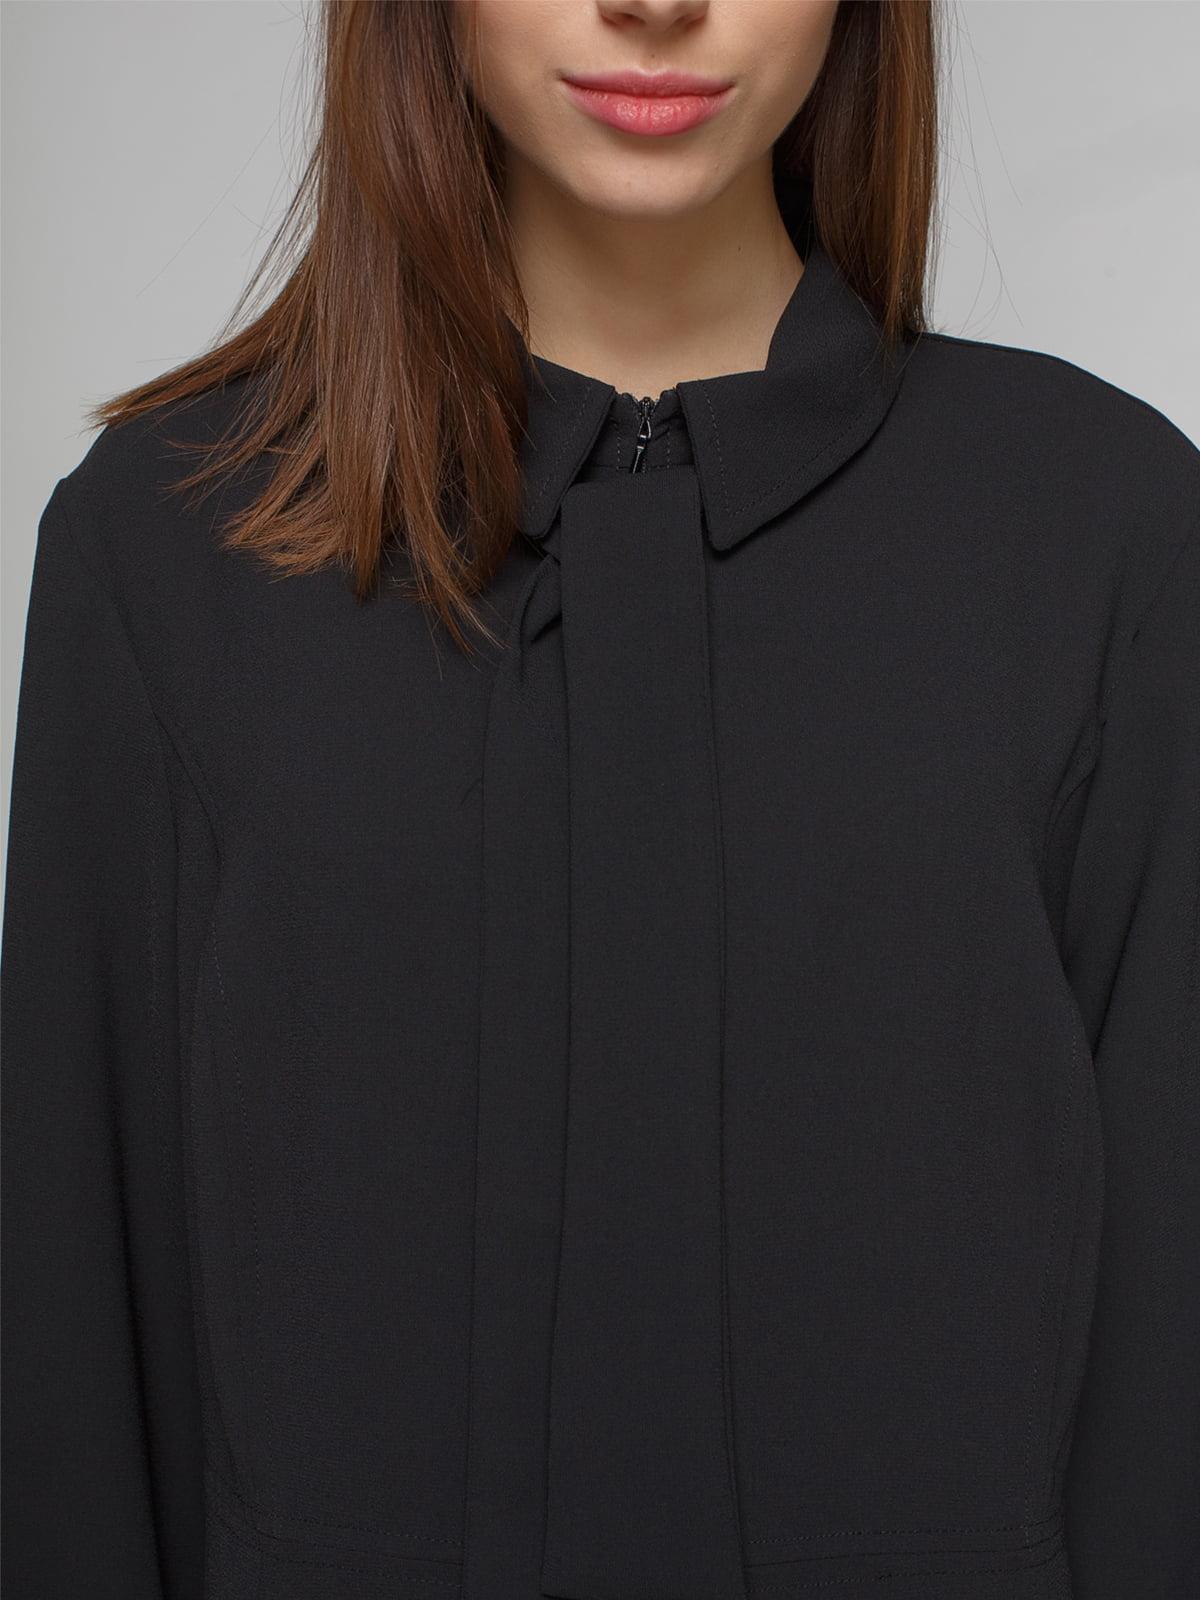 Платье черное   4790326   фото 3